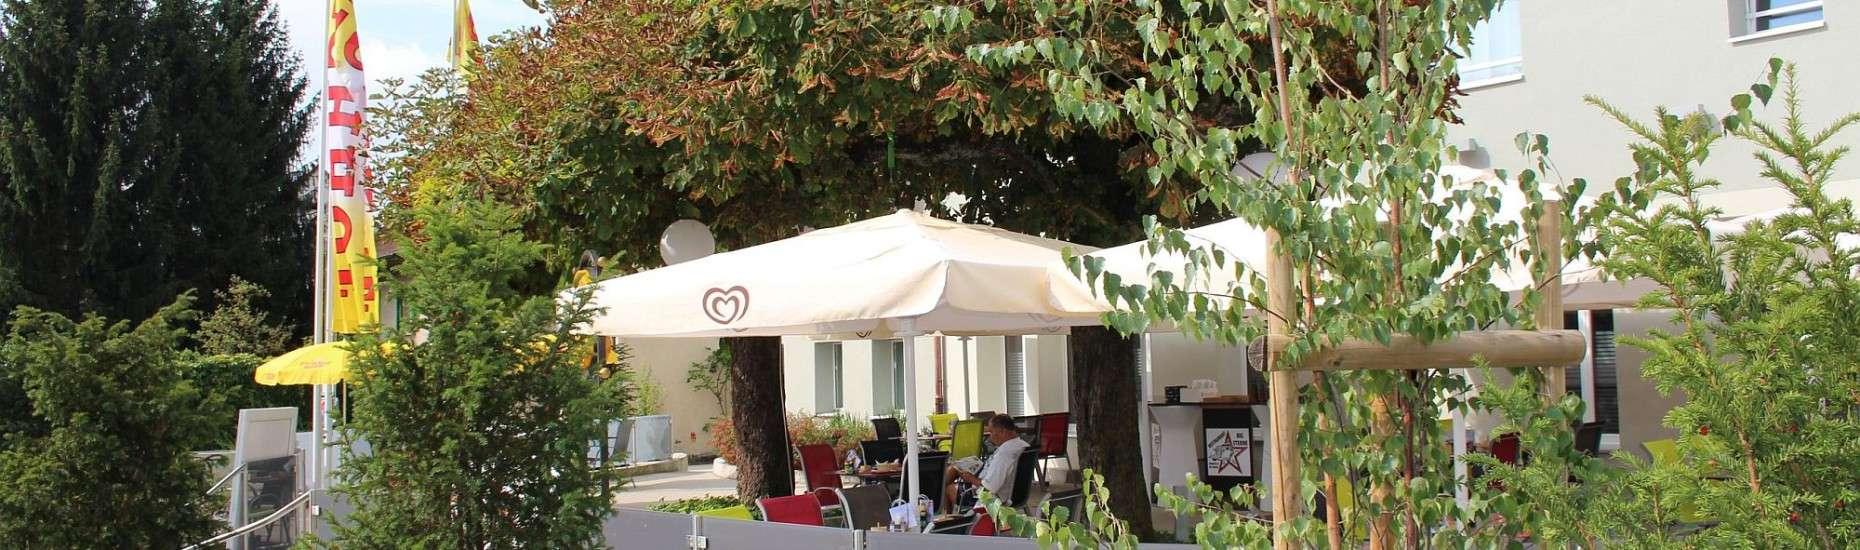 Restaurant Steibruechli Brugg Lauffrohr Slider aussen